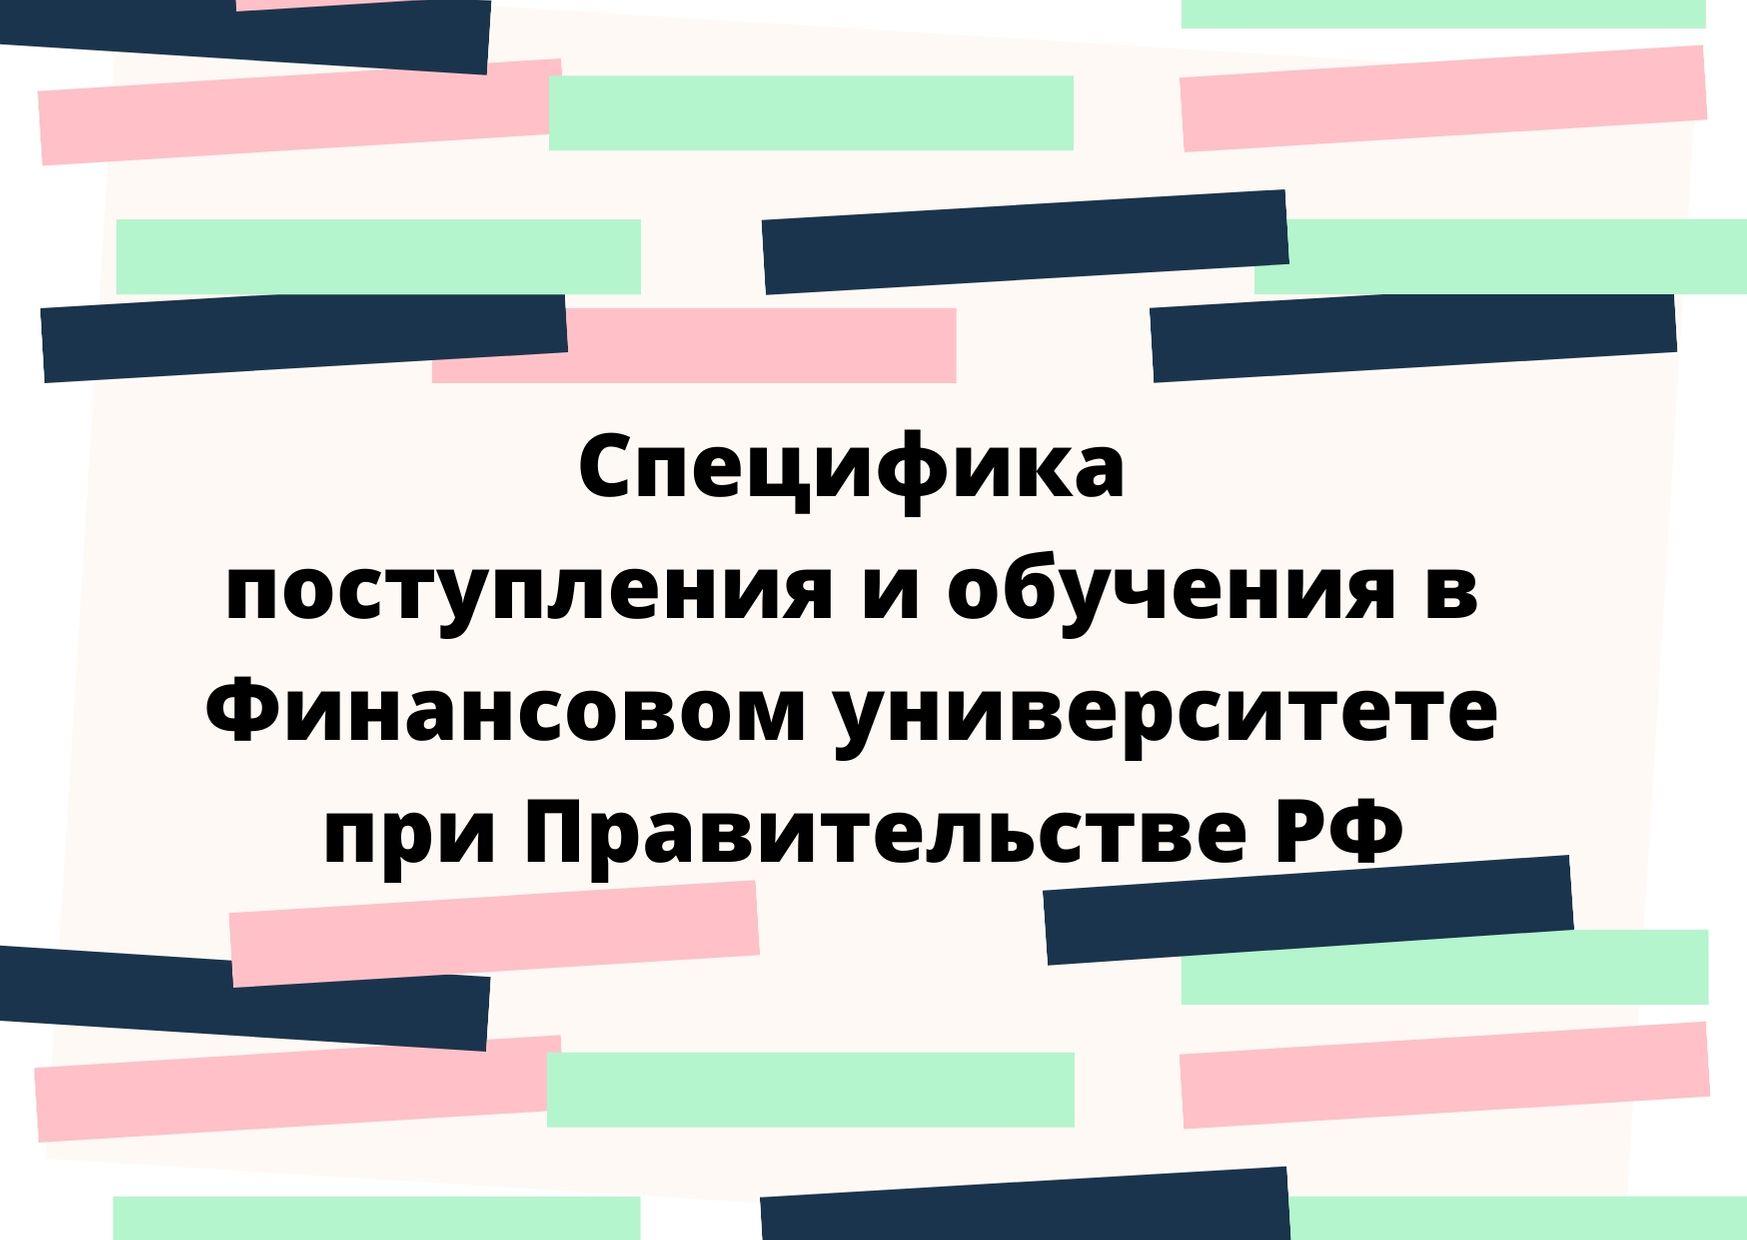 Специфика поступления и обучения в Финансовом университете при Правительстве РФ